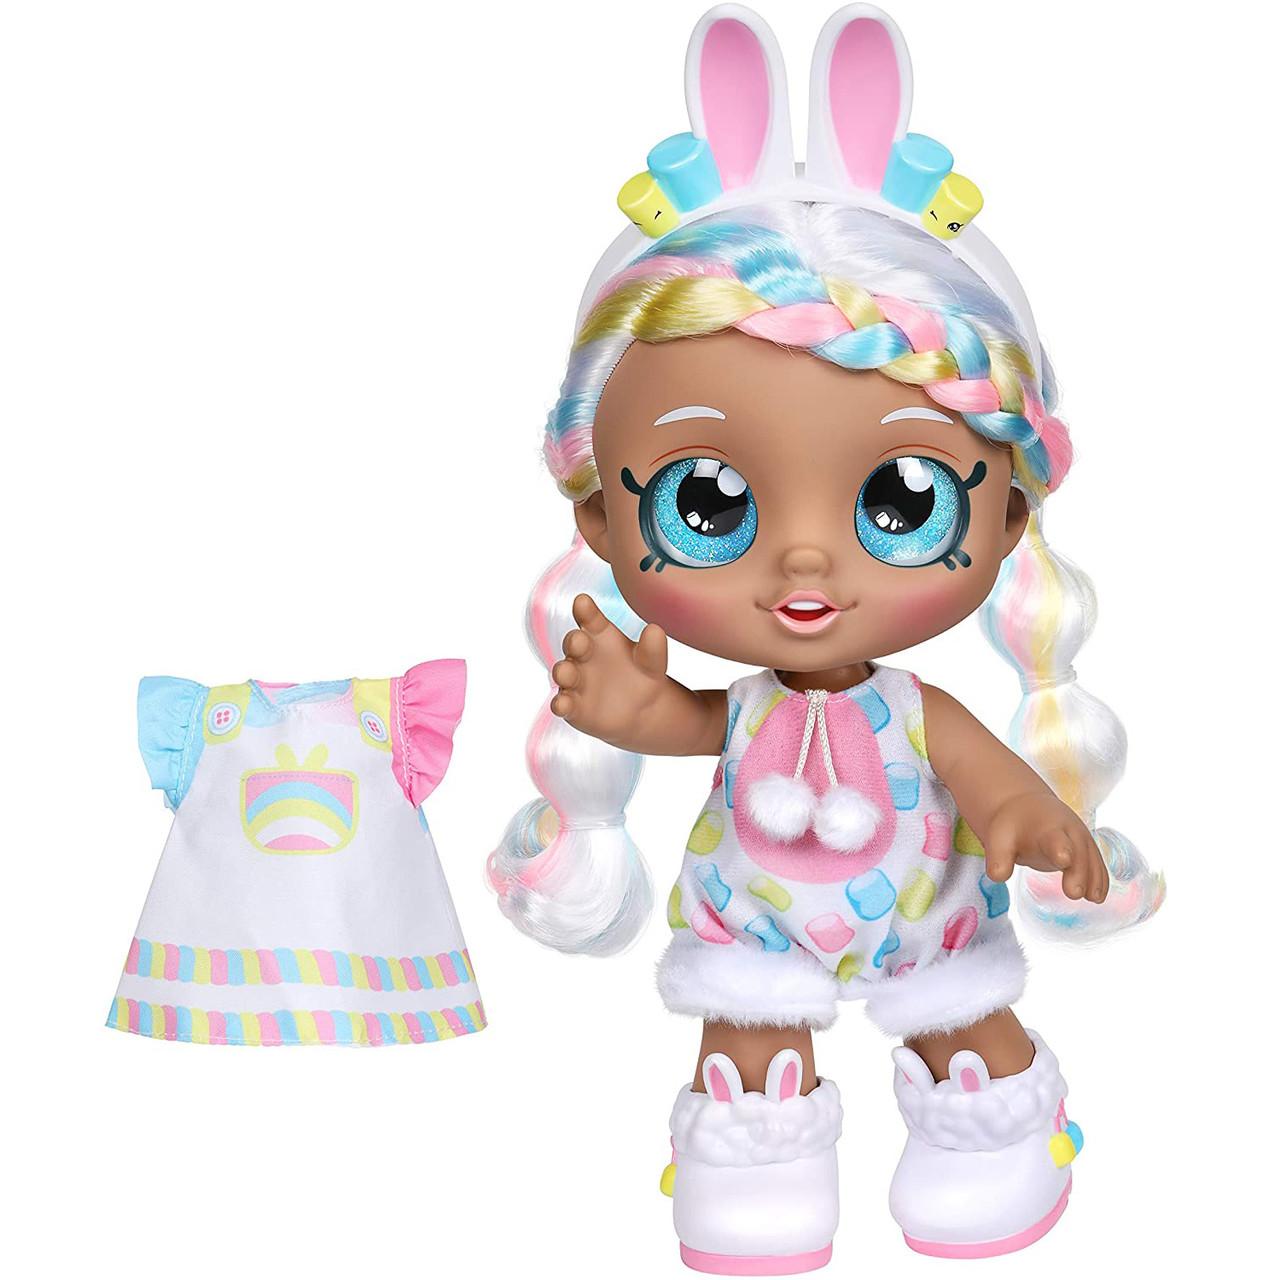 Лялька Кінді Кидс Маршу Мелло зайчик від Moose Kindi Kids Marsha Mello